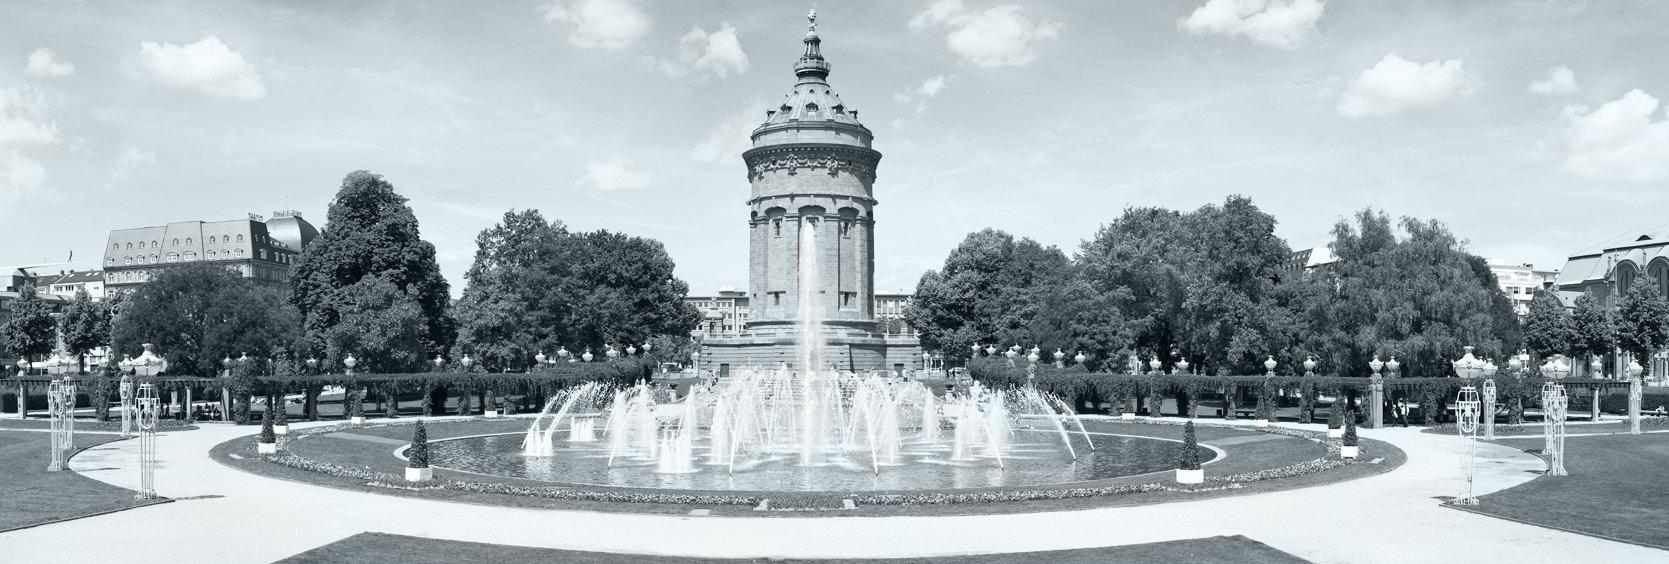 Wasserturm_Panorama